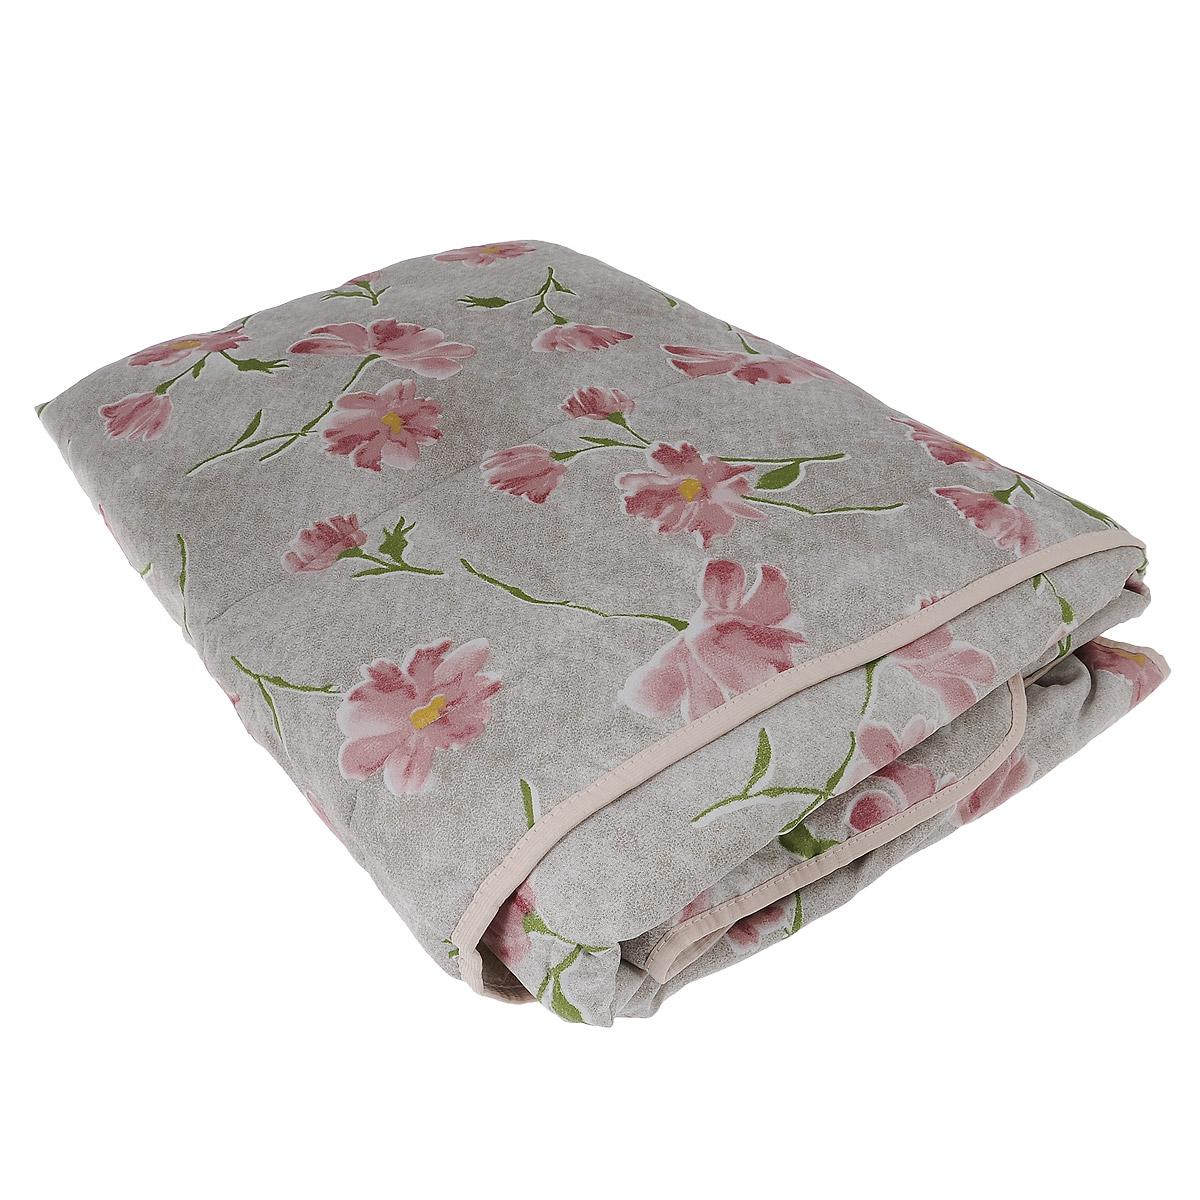 Одеяло летнее OL-Tex Miotex, наполнитель: полиэфирное волокно Holfiteks, цвет: серый, розовый, 172 х 205 смМХПЭ-18-1_серый, макиЛегкое летнее одеяло OL-Tex Miotex создаст комфорт и уют во время сна. Чехолвыполнен из полиэстера и оформлен красочным рисунком. Внутри - современныйнаполнитель из полиэфирного высокосиликонизированного волокна Holfiteks,упругий и качественный. Прекрасно держит тепло. Одеяло с наполнителемHolfiteks легкое и комфортное. Даже после многократных стирок не теряет своюформу, наполнитель не сбивается, так как одеяло простегано и окантовано. Невызывает аллергии. Holfiteks - это возможность легко ухаживать за своимипостельными принадлежностями.Можно стирать в машинке, изделия быстро и полностью высыхают - этообеспечивает гигиену спального места при невысокой цене на продукцию. Плотность: 100 г/м2.